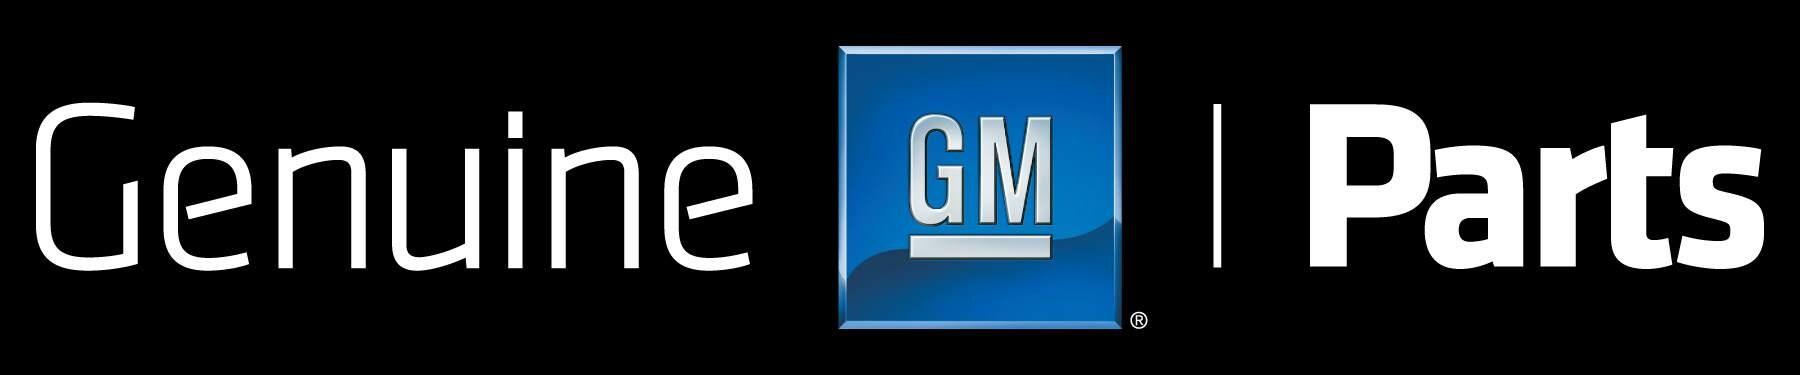 Chevrolet parts lethbridge gm accessories auto parts for Genuine general motors parts